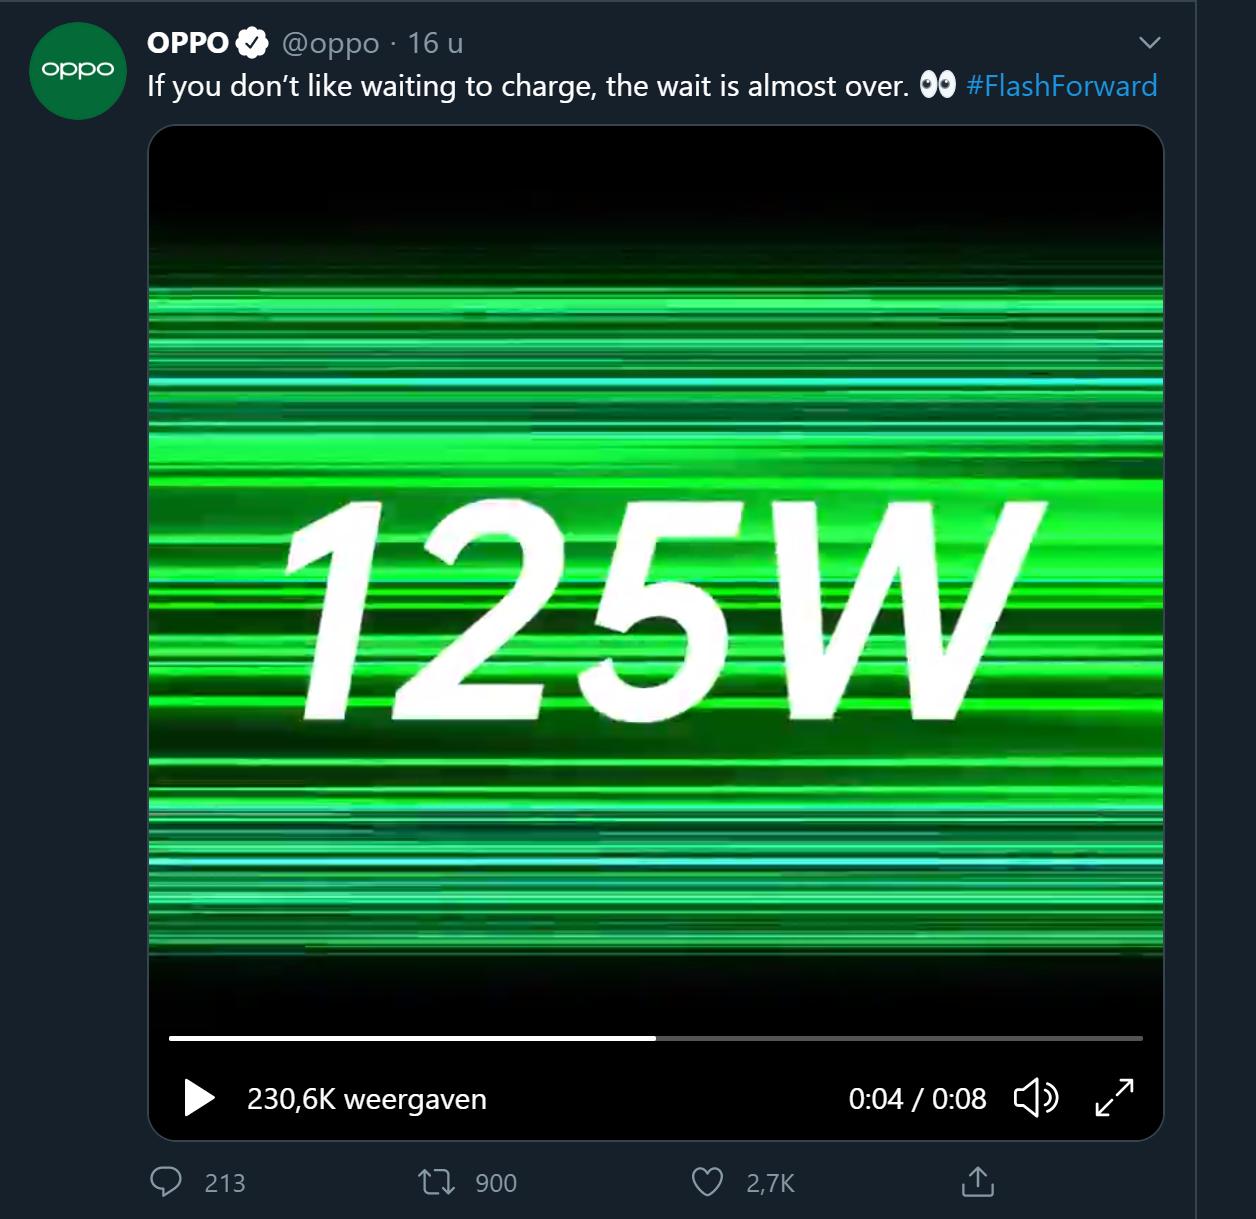 oppo 125 watt